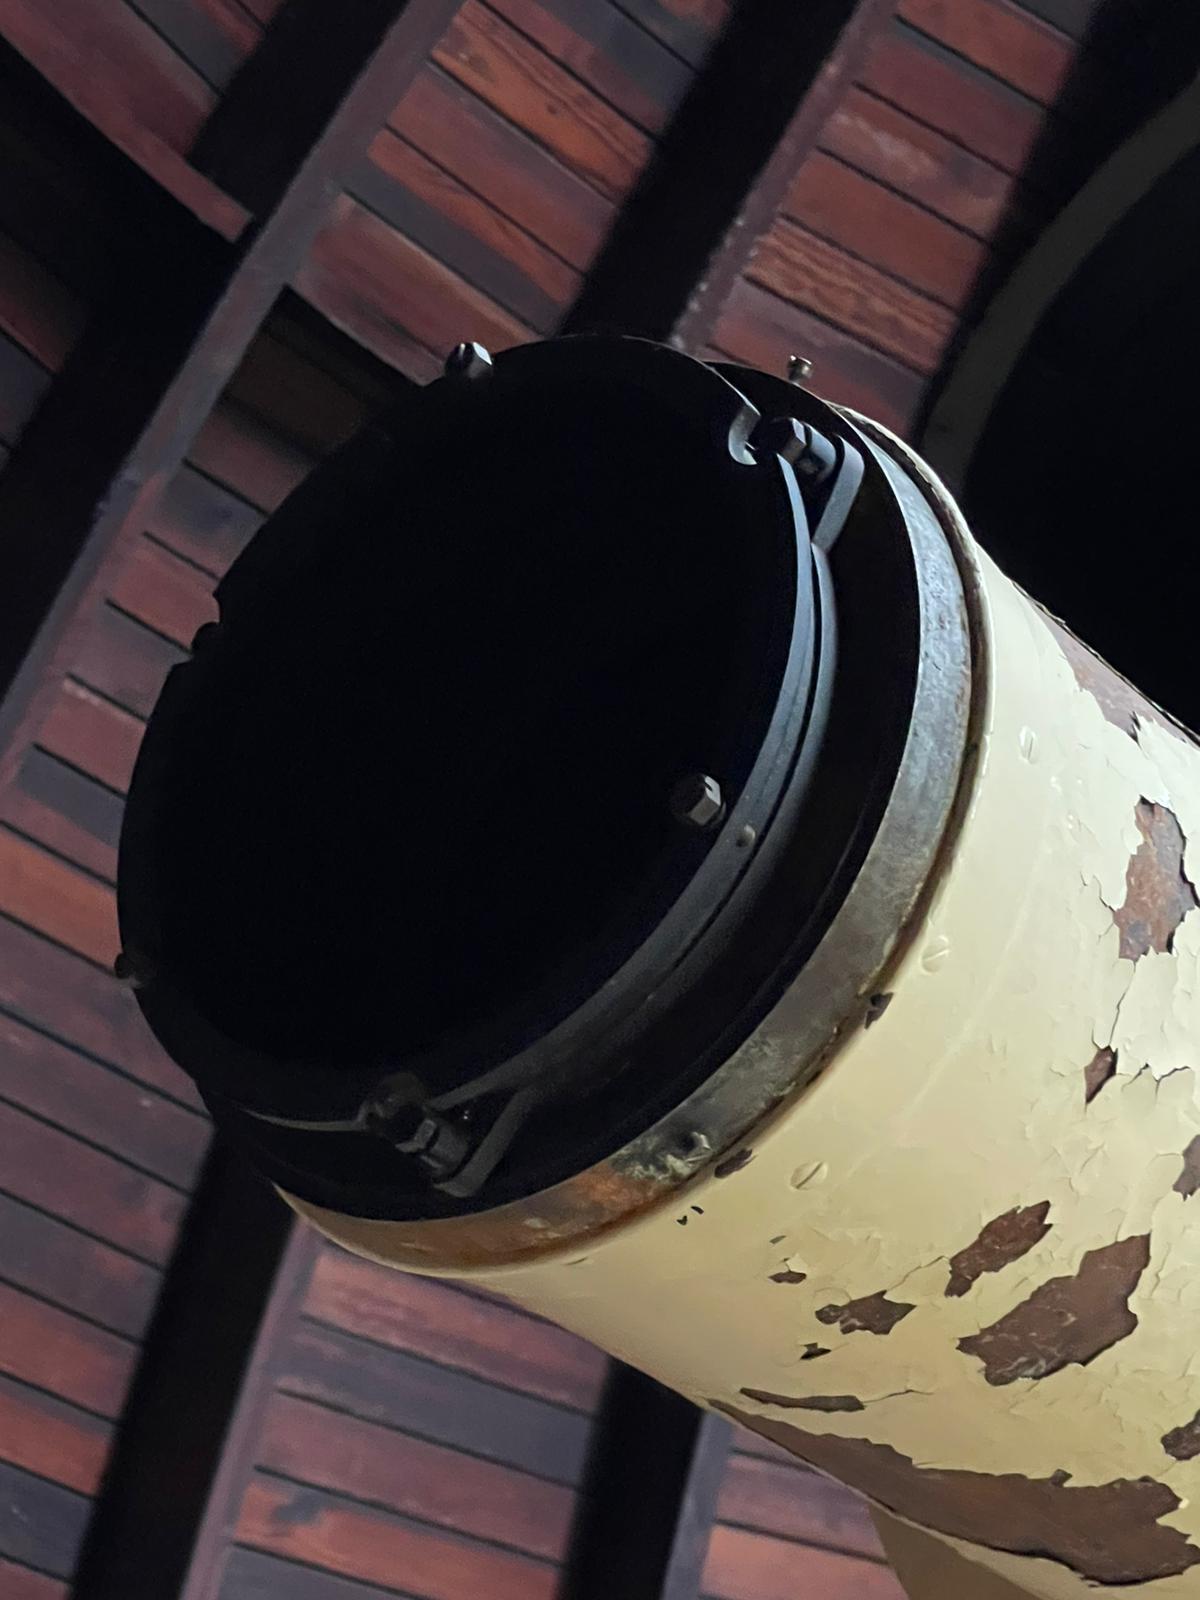 Tubus vorn zum Objekt - Fassungsaufnahme des 200 mm-Zeiss-Linsensystems.